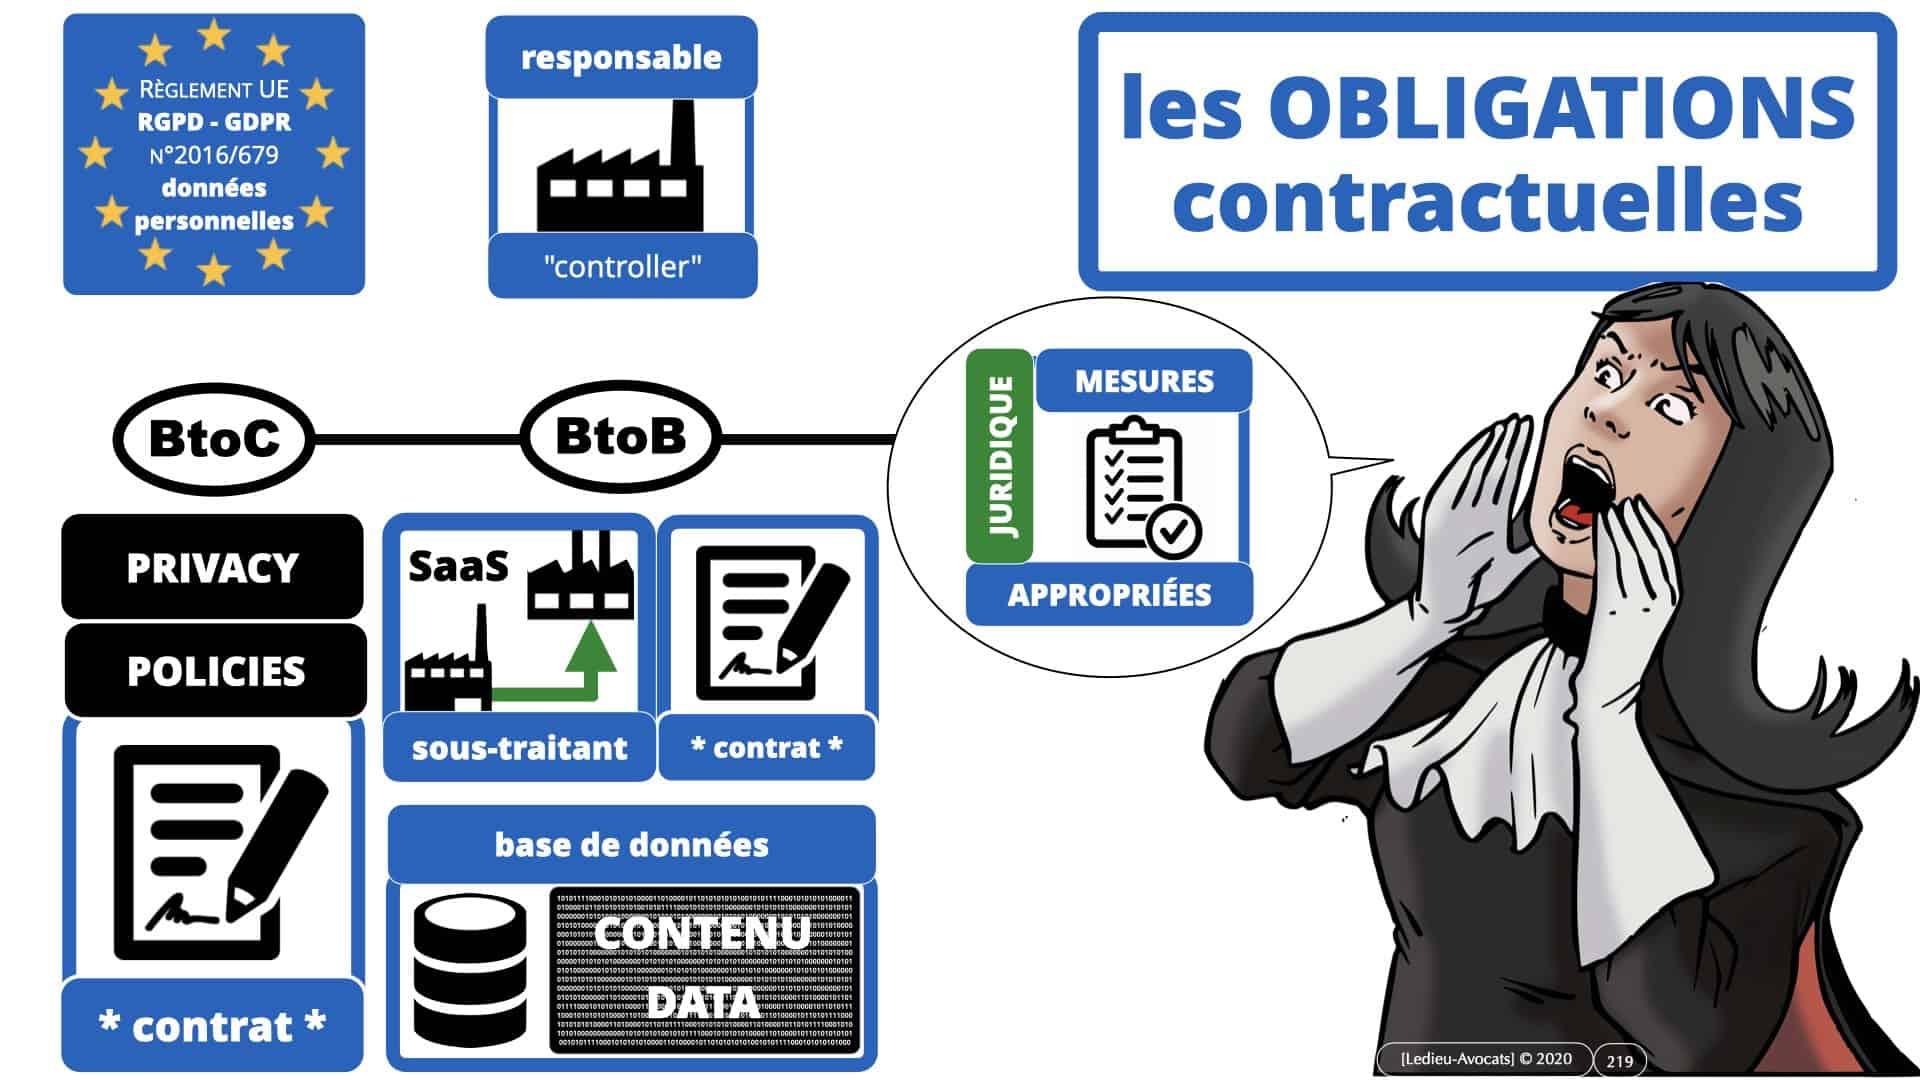 RGPD e-Privacy données personnelles jurisprudence formation Lamy Les Echos 10-02-2021 ©Ledieu-Avocats.219